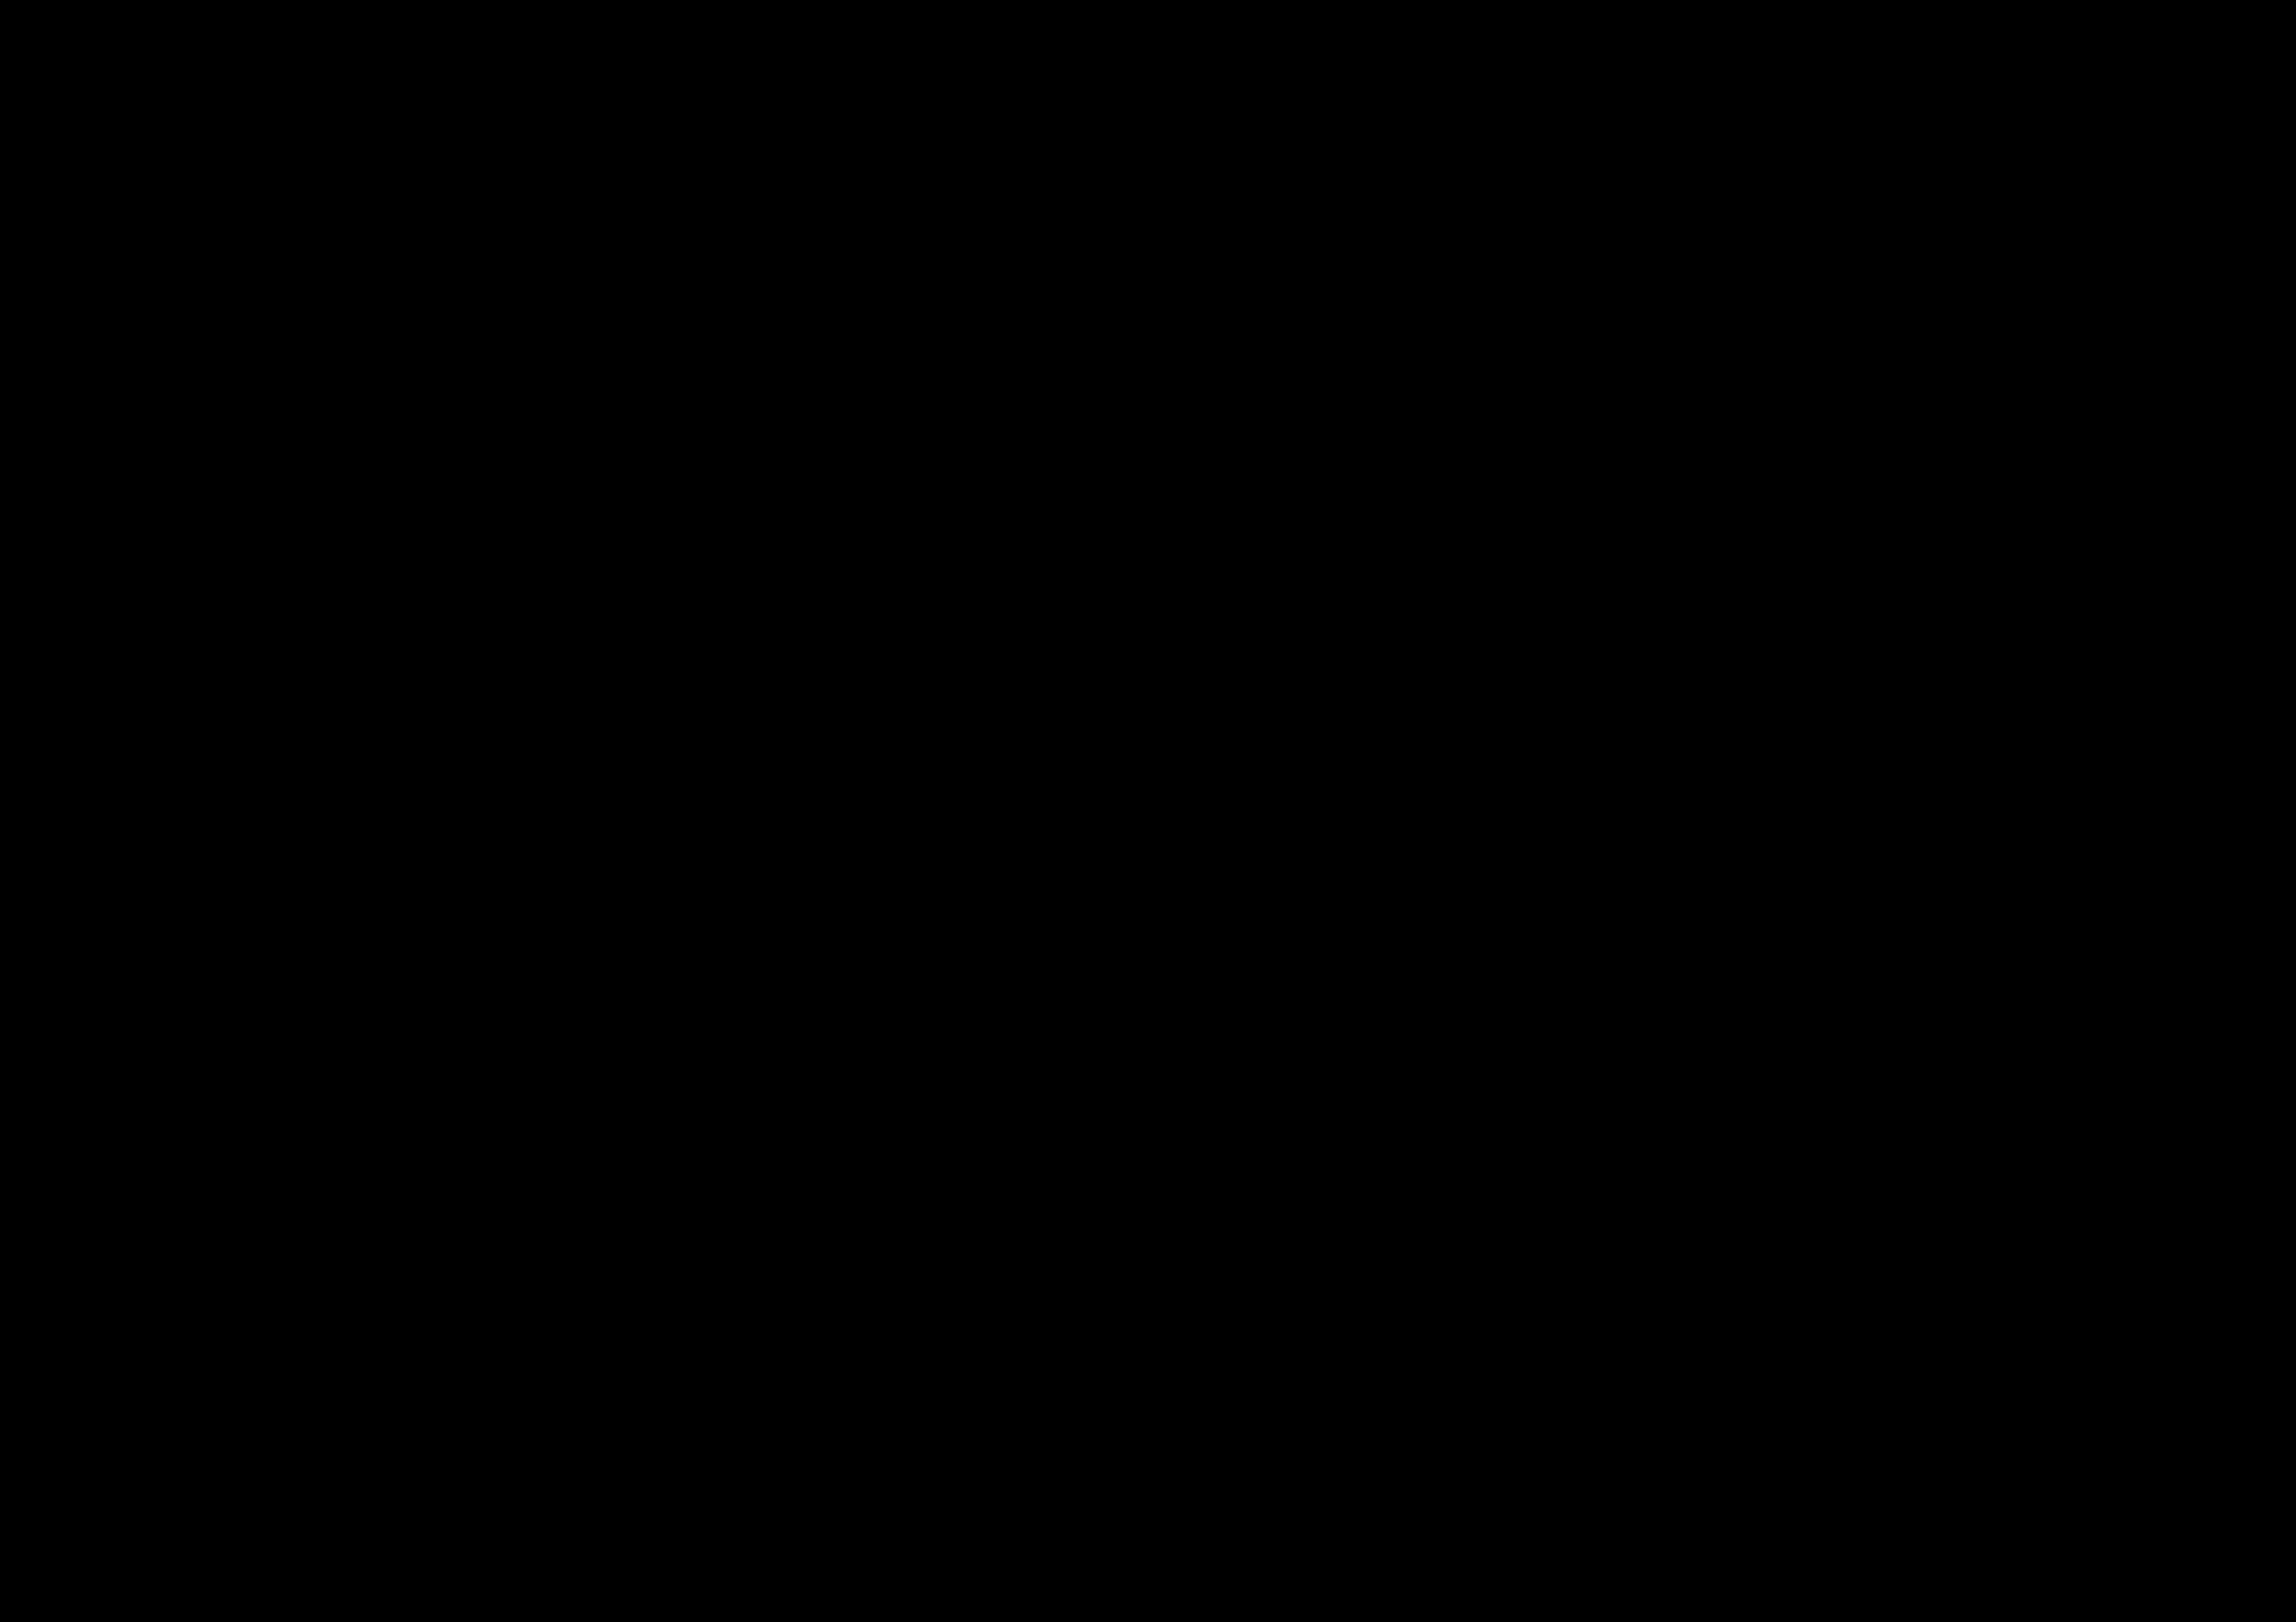 16-SMILIKE-Hamburg-LIGNE Architekten.jpg